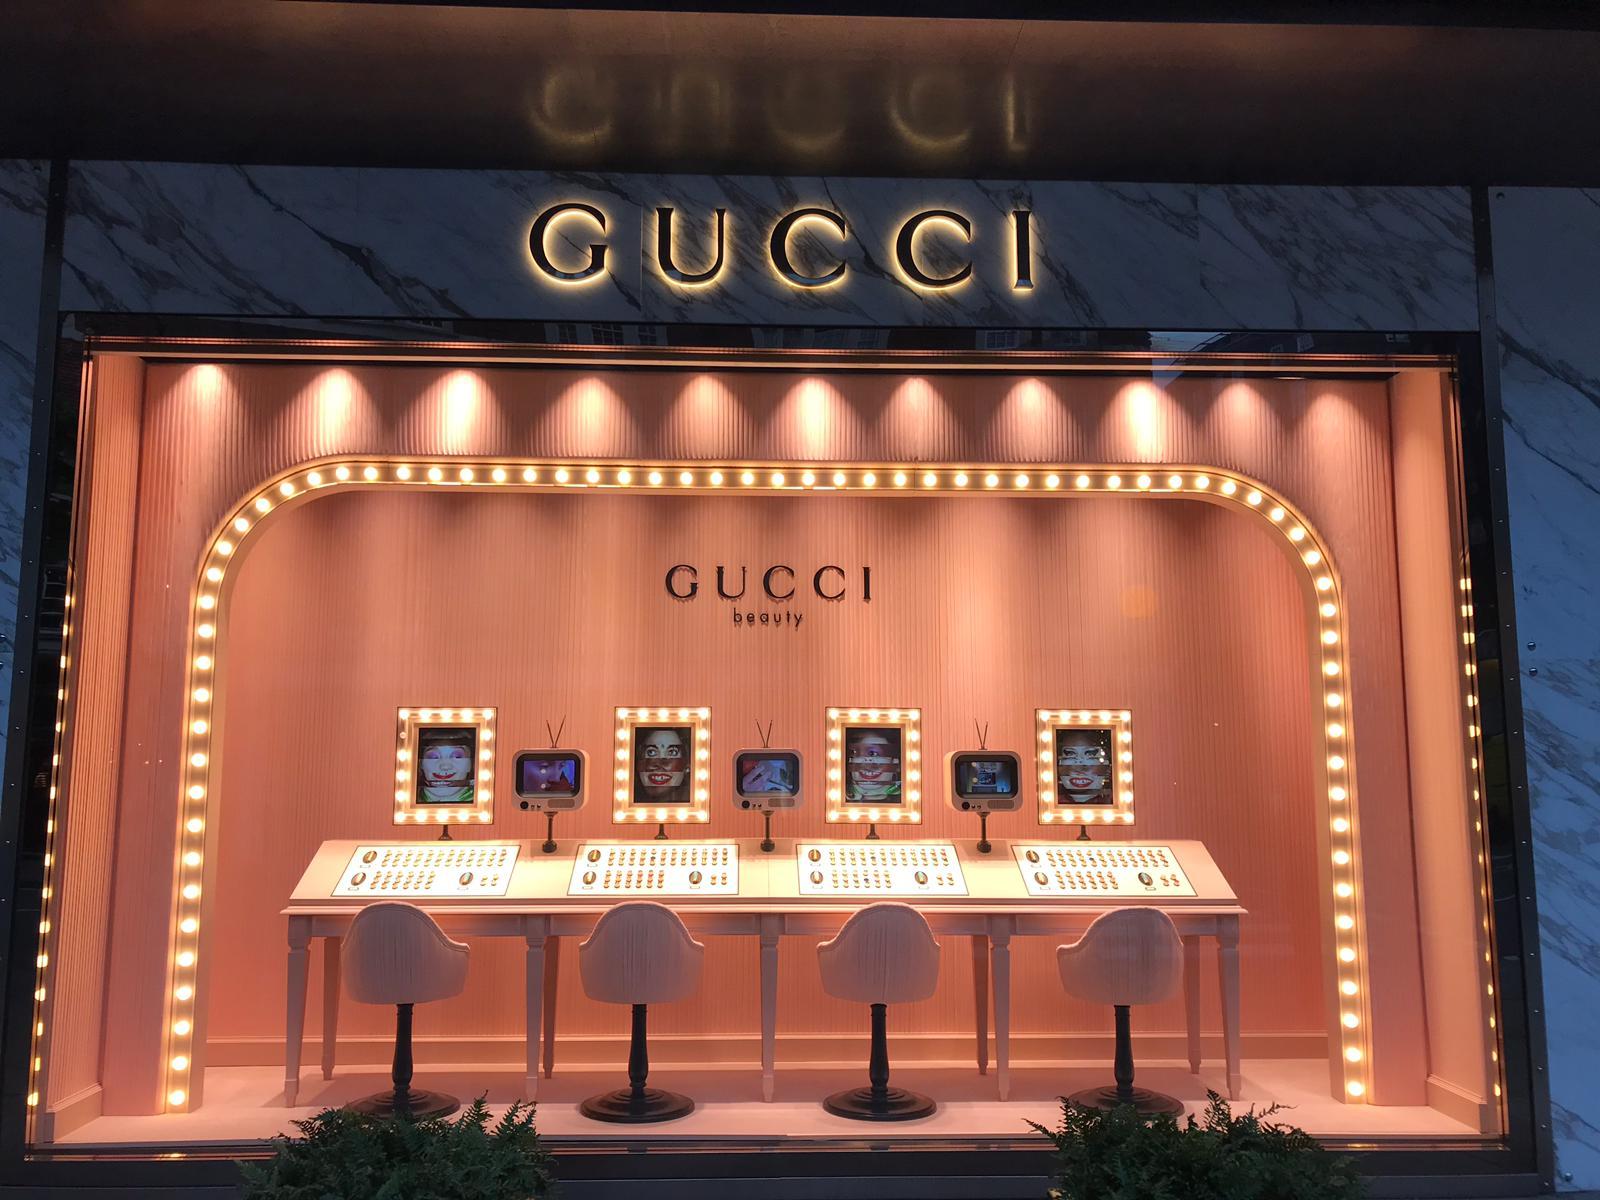 Allestimento temporaneo lusso: Gucci, via Montenapoleone Milano